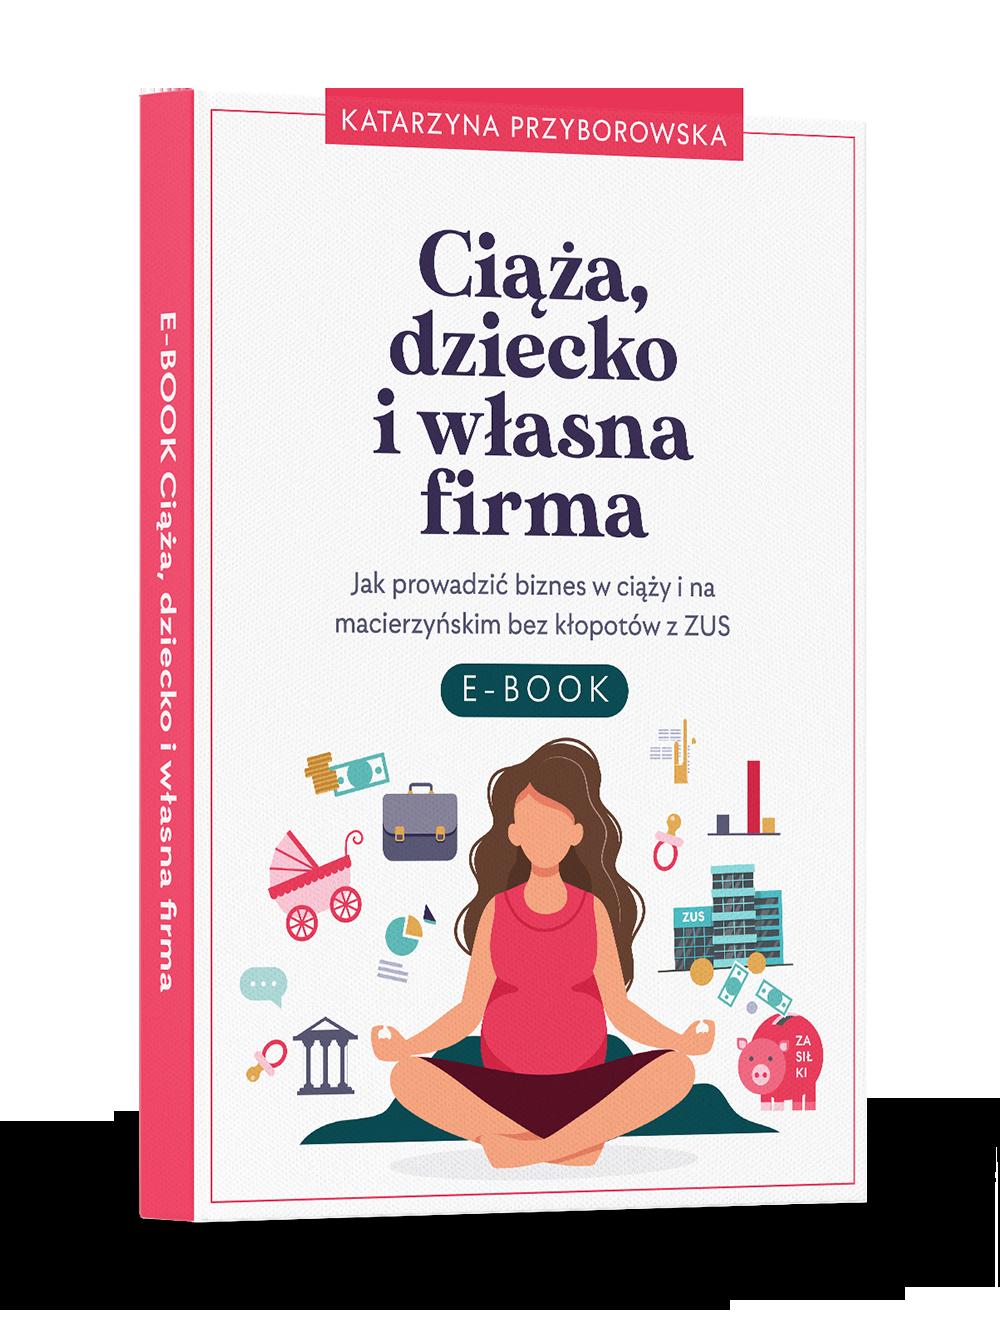 E-book ciąża, dziecko iwłasna firma